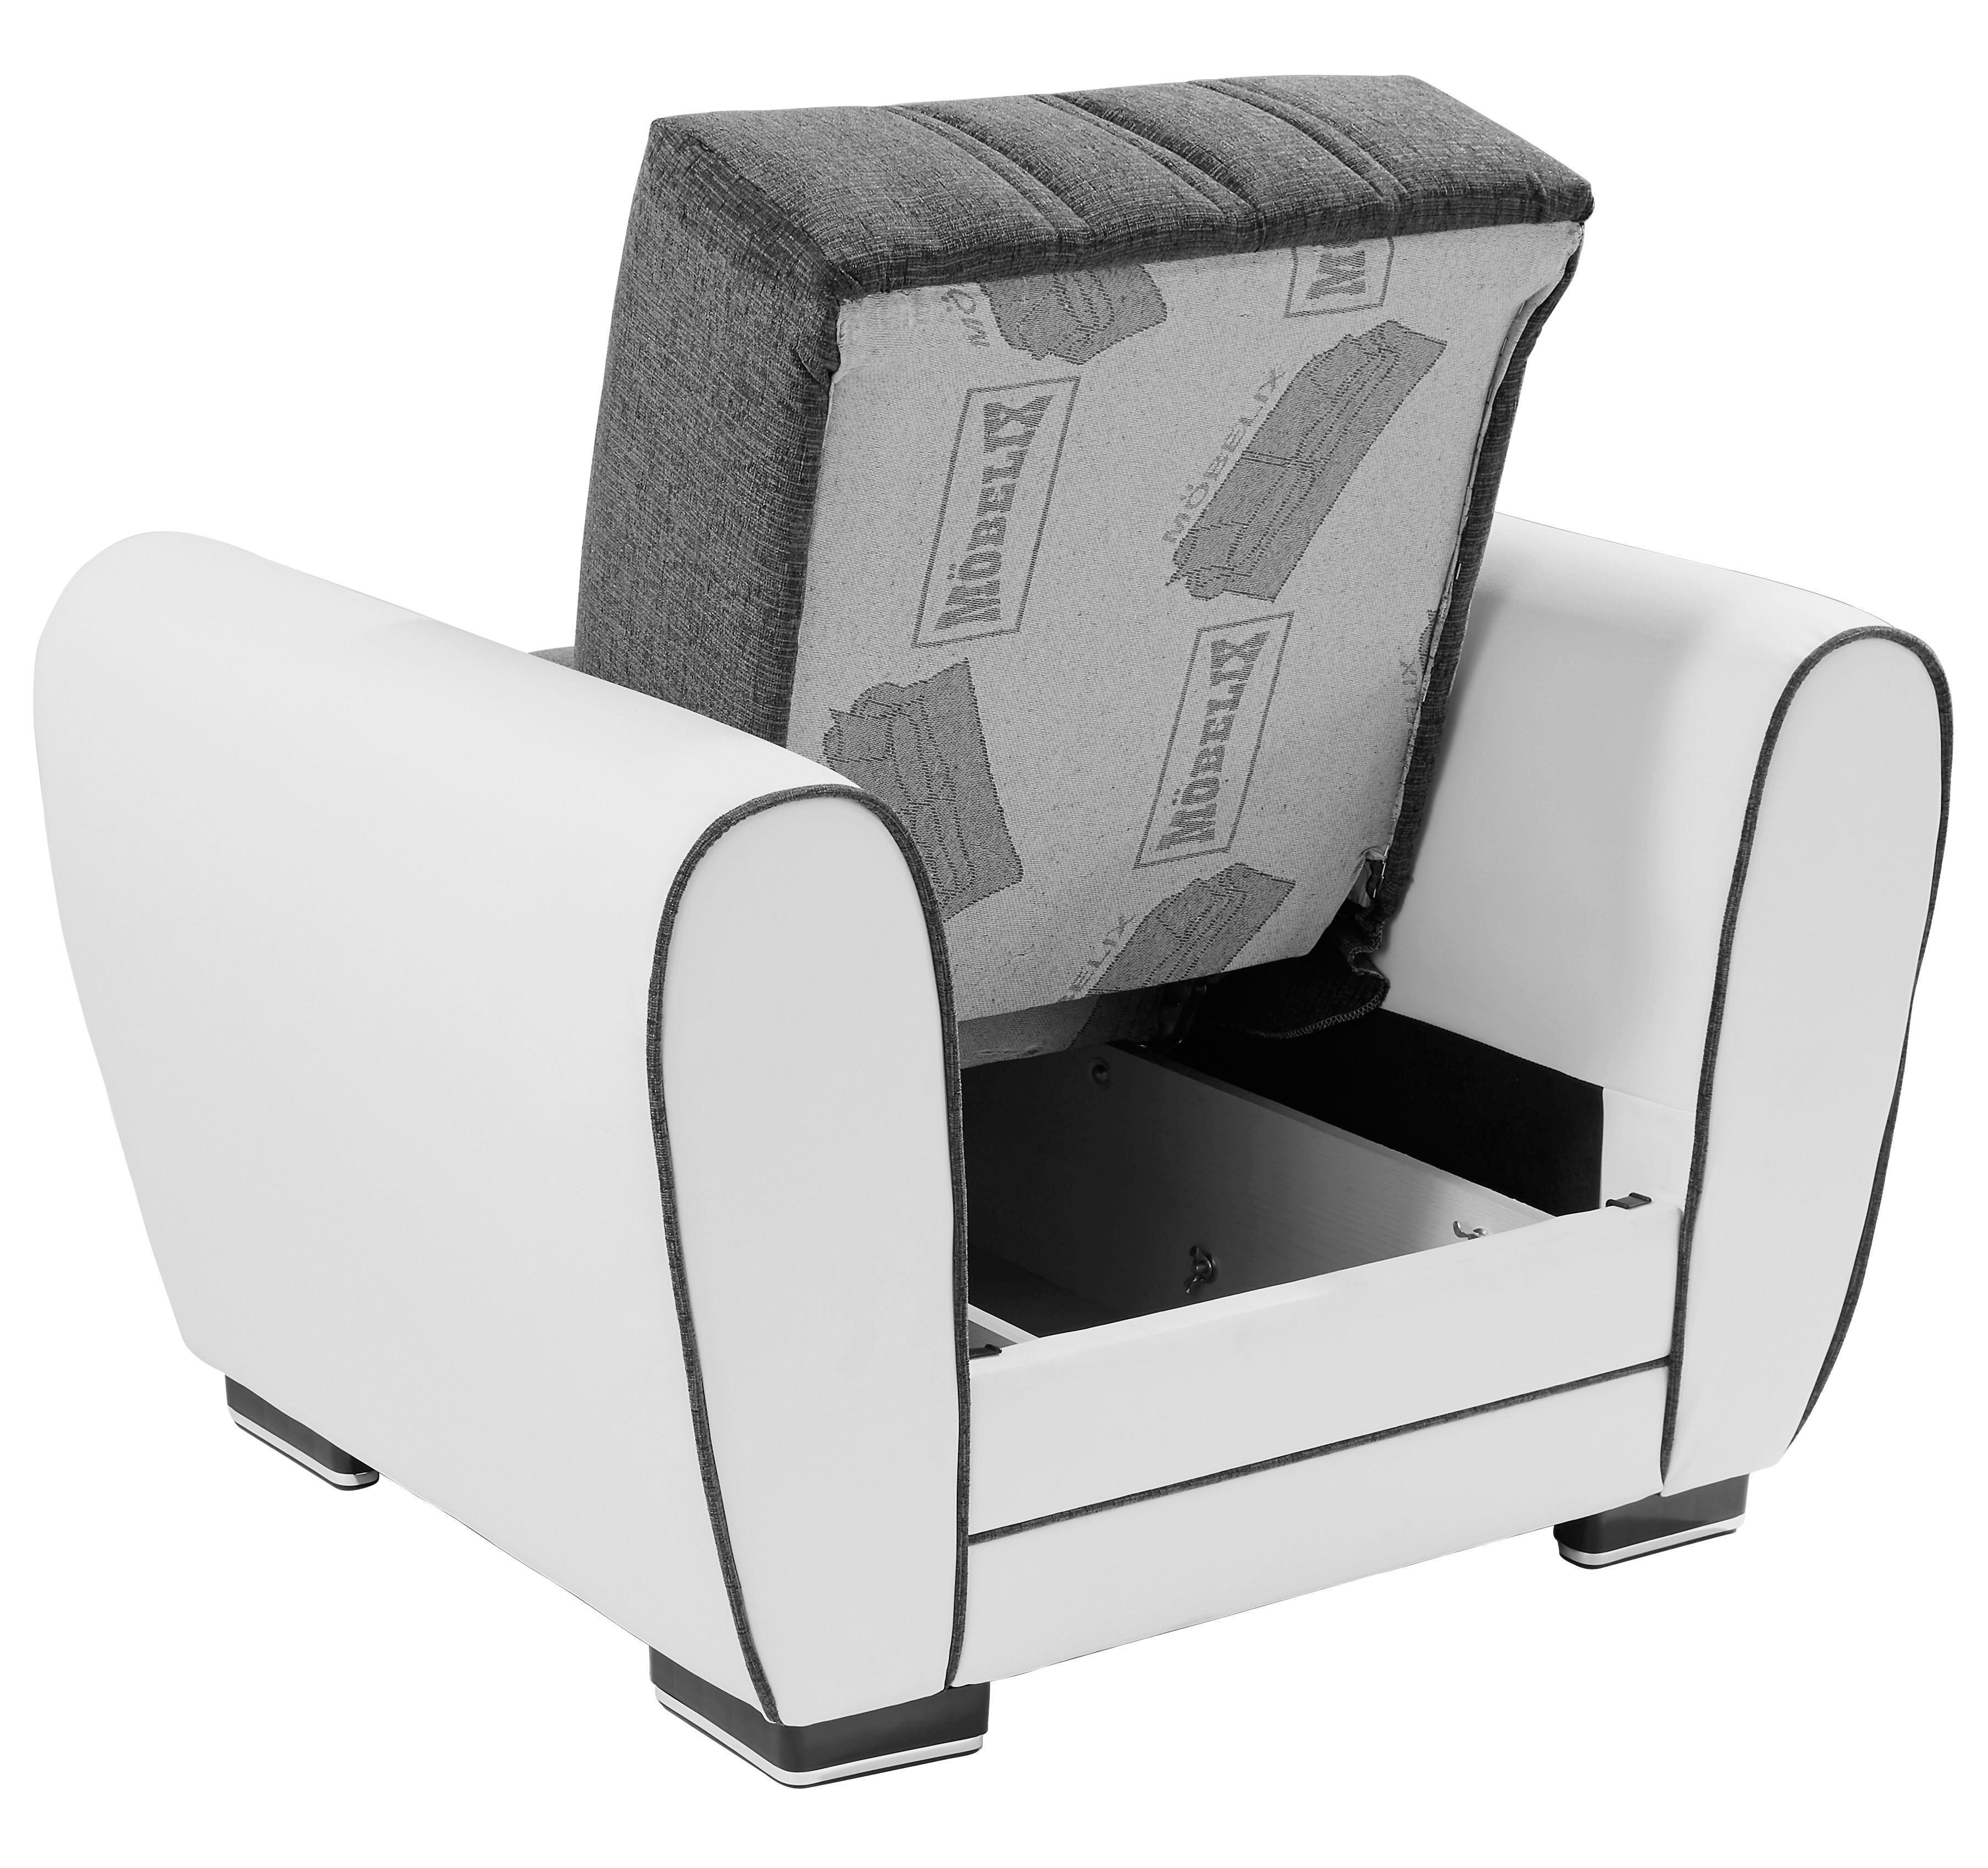 Jednomístný Sedák Pelin - bílá/šedá, Moderní, textil/dřevěný materiál (100/85/90cm)